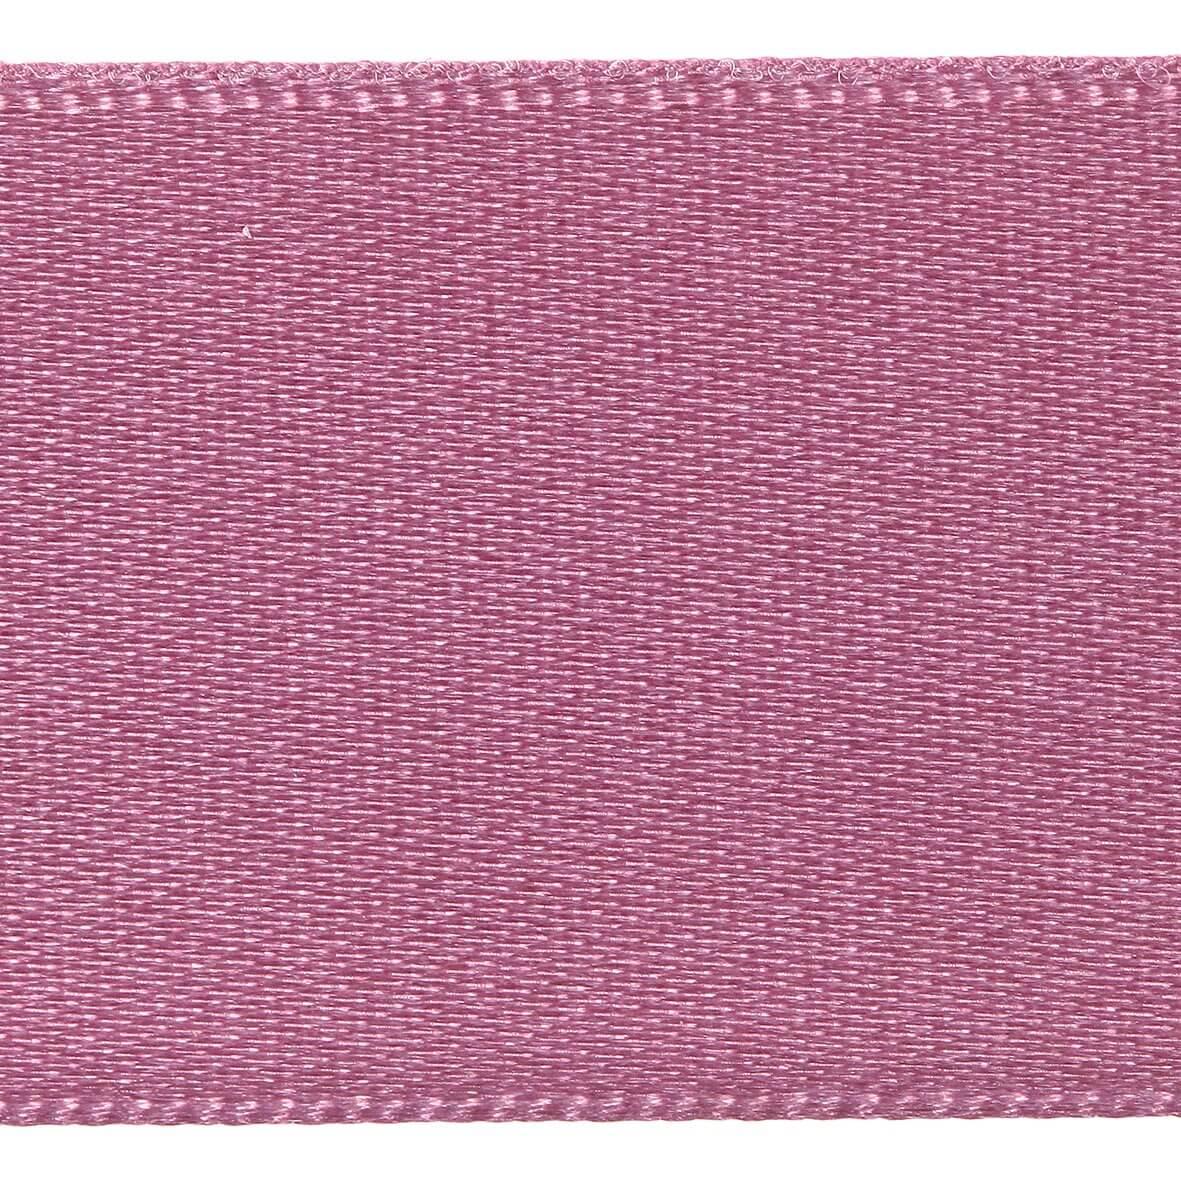 25mm Berisfords Satin Ribbon - Grape Colour 6837